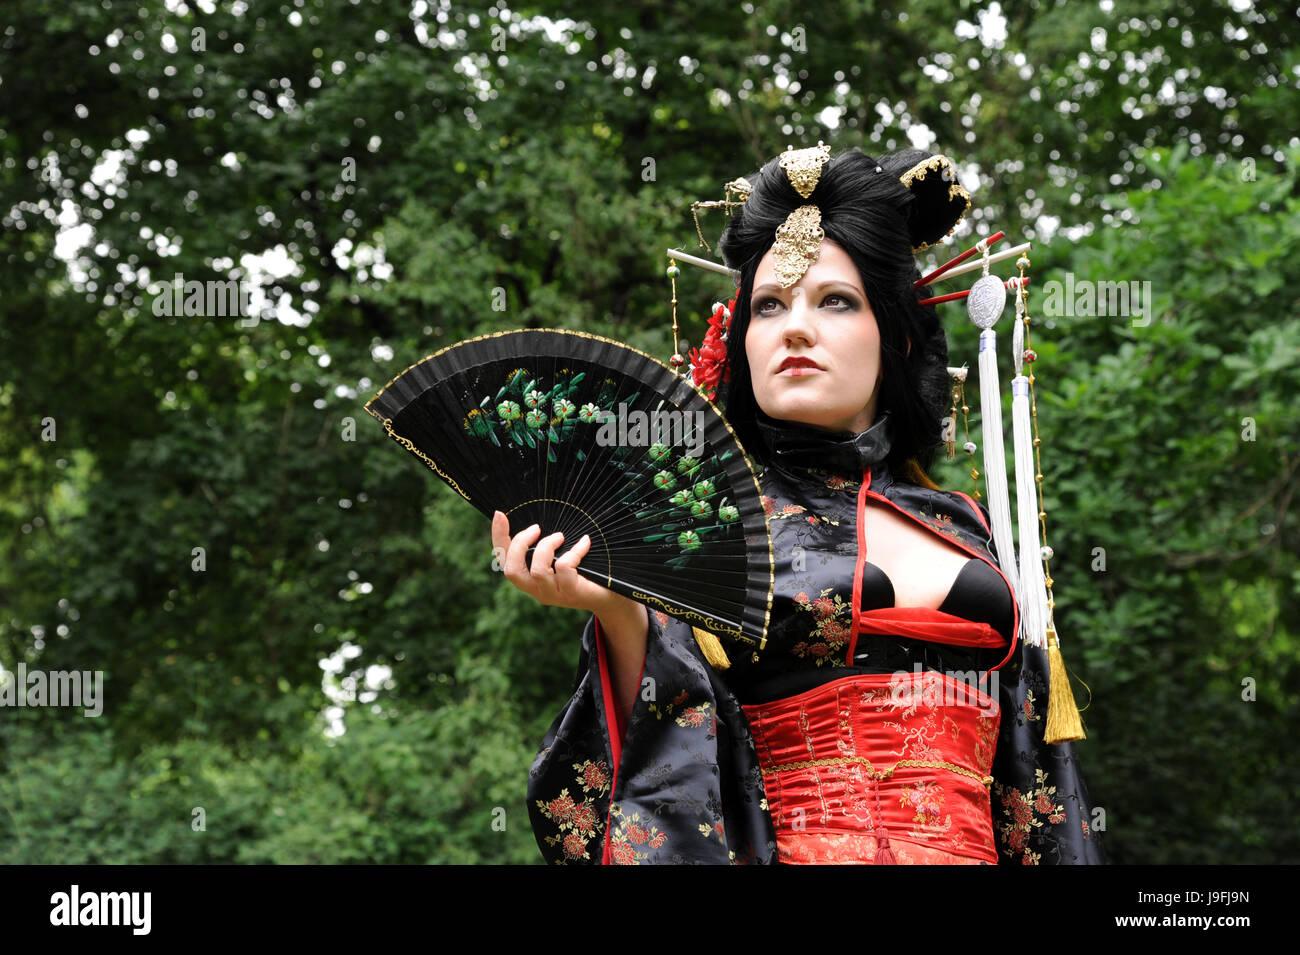 più amato arte squisita vari stili Il carnevale, costume, Giappone, kimono, tessuto, vestito ...